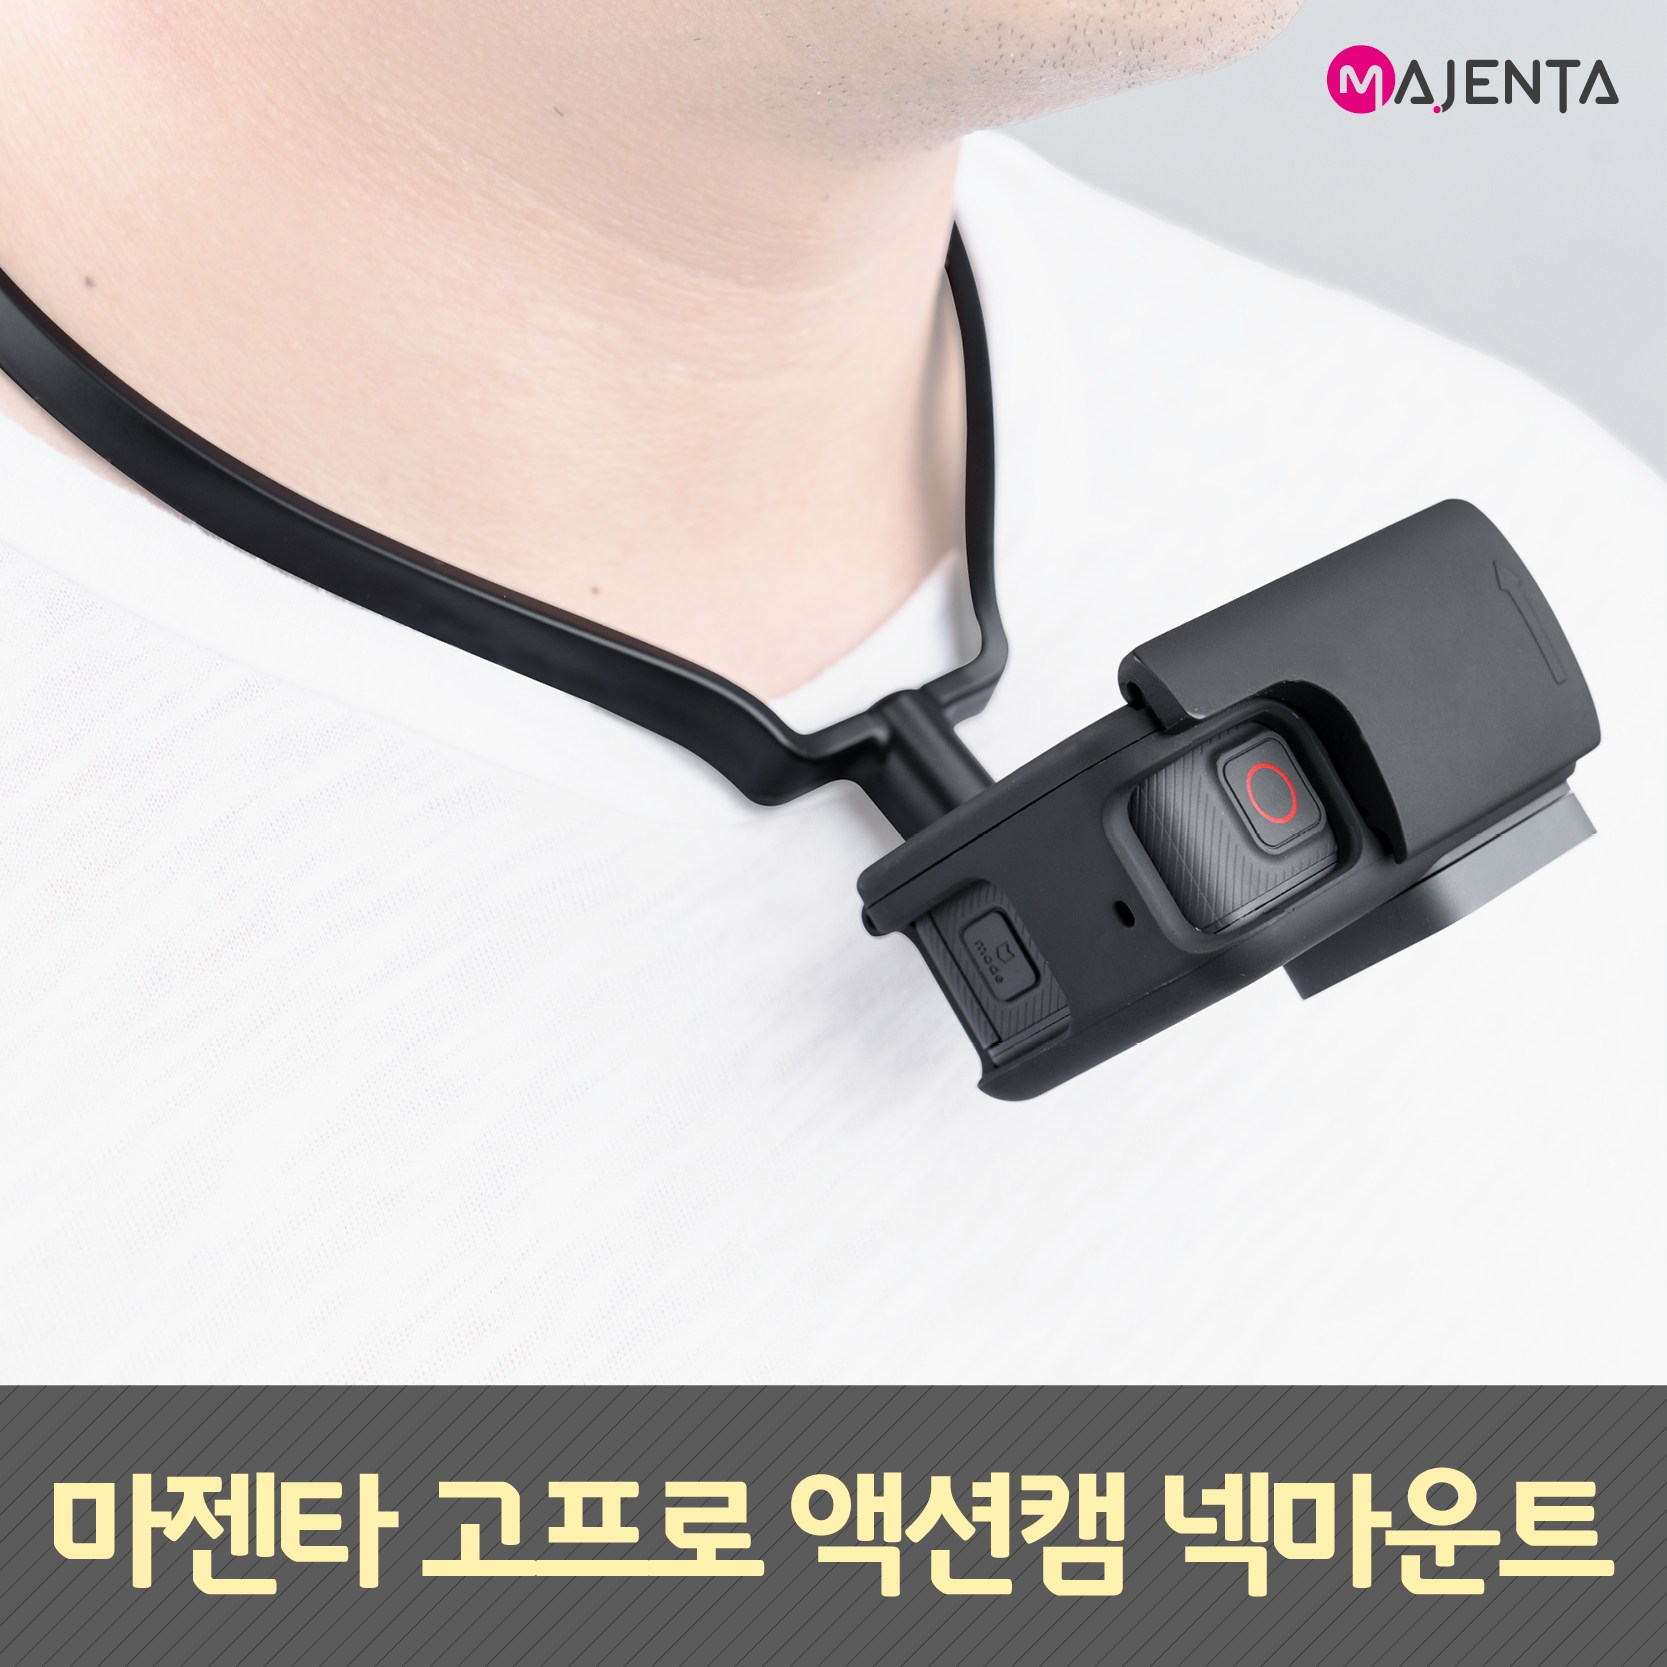 고프로 액션캠 넥마운트, 액션캠 + 변환어댑터-29-330545379